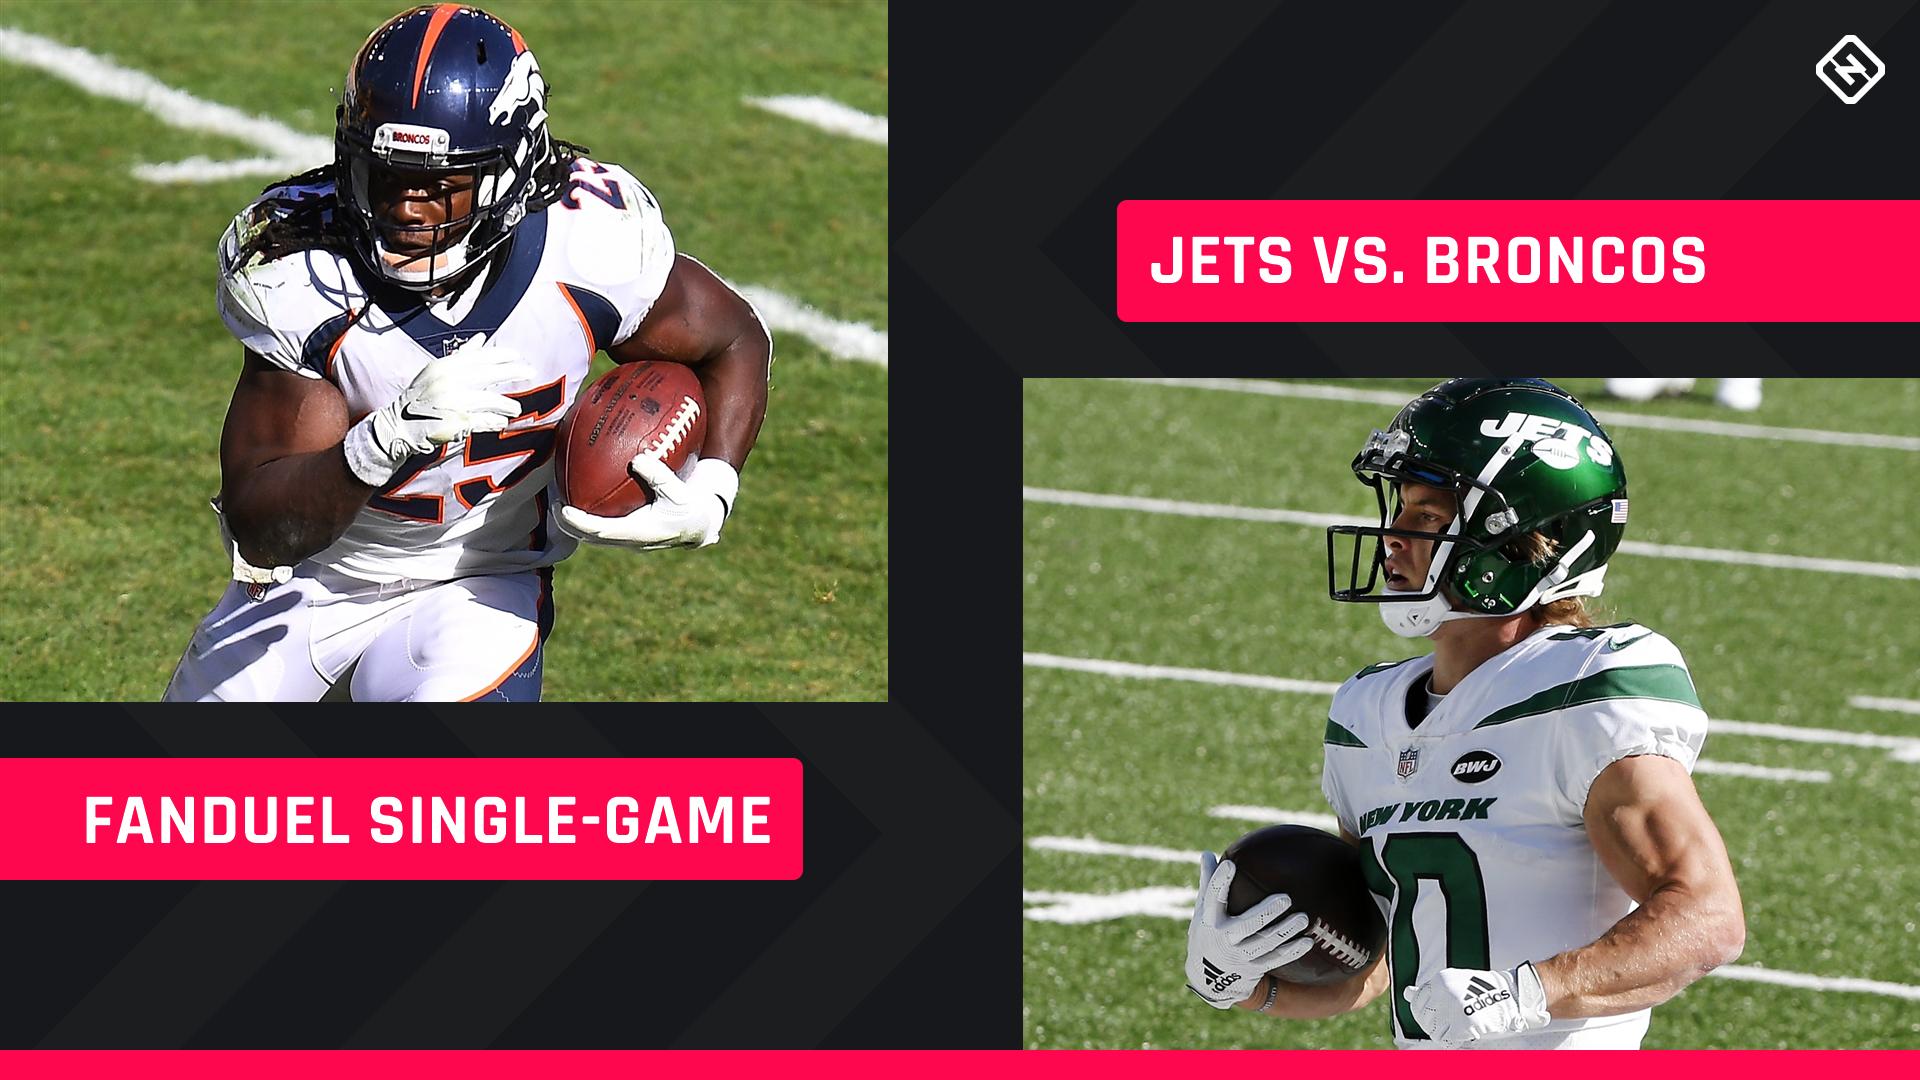 Quinta à noite Football FanDuel Picks: NFL DFS lineup conselho para a semana 4 Jets-Broncos torneios de jogo único